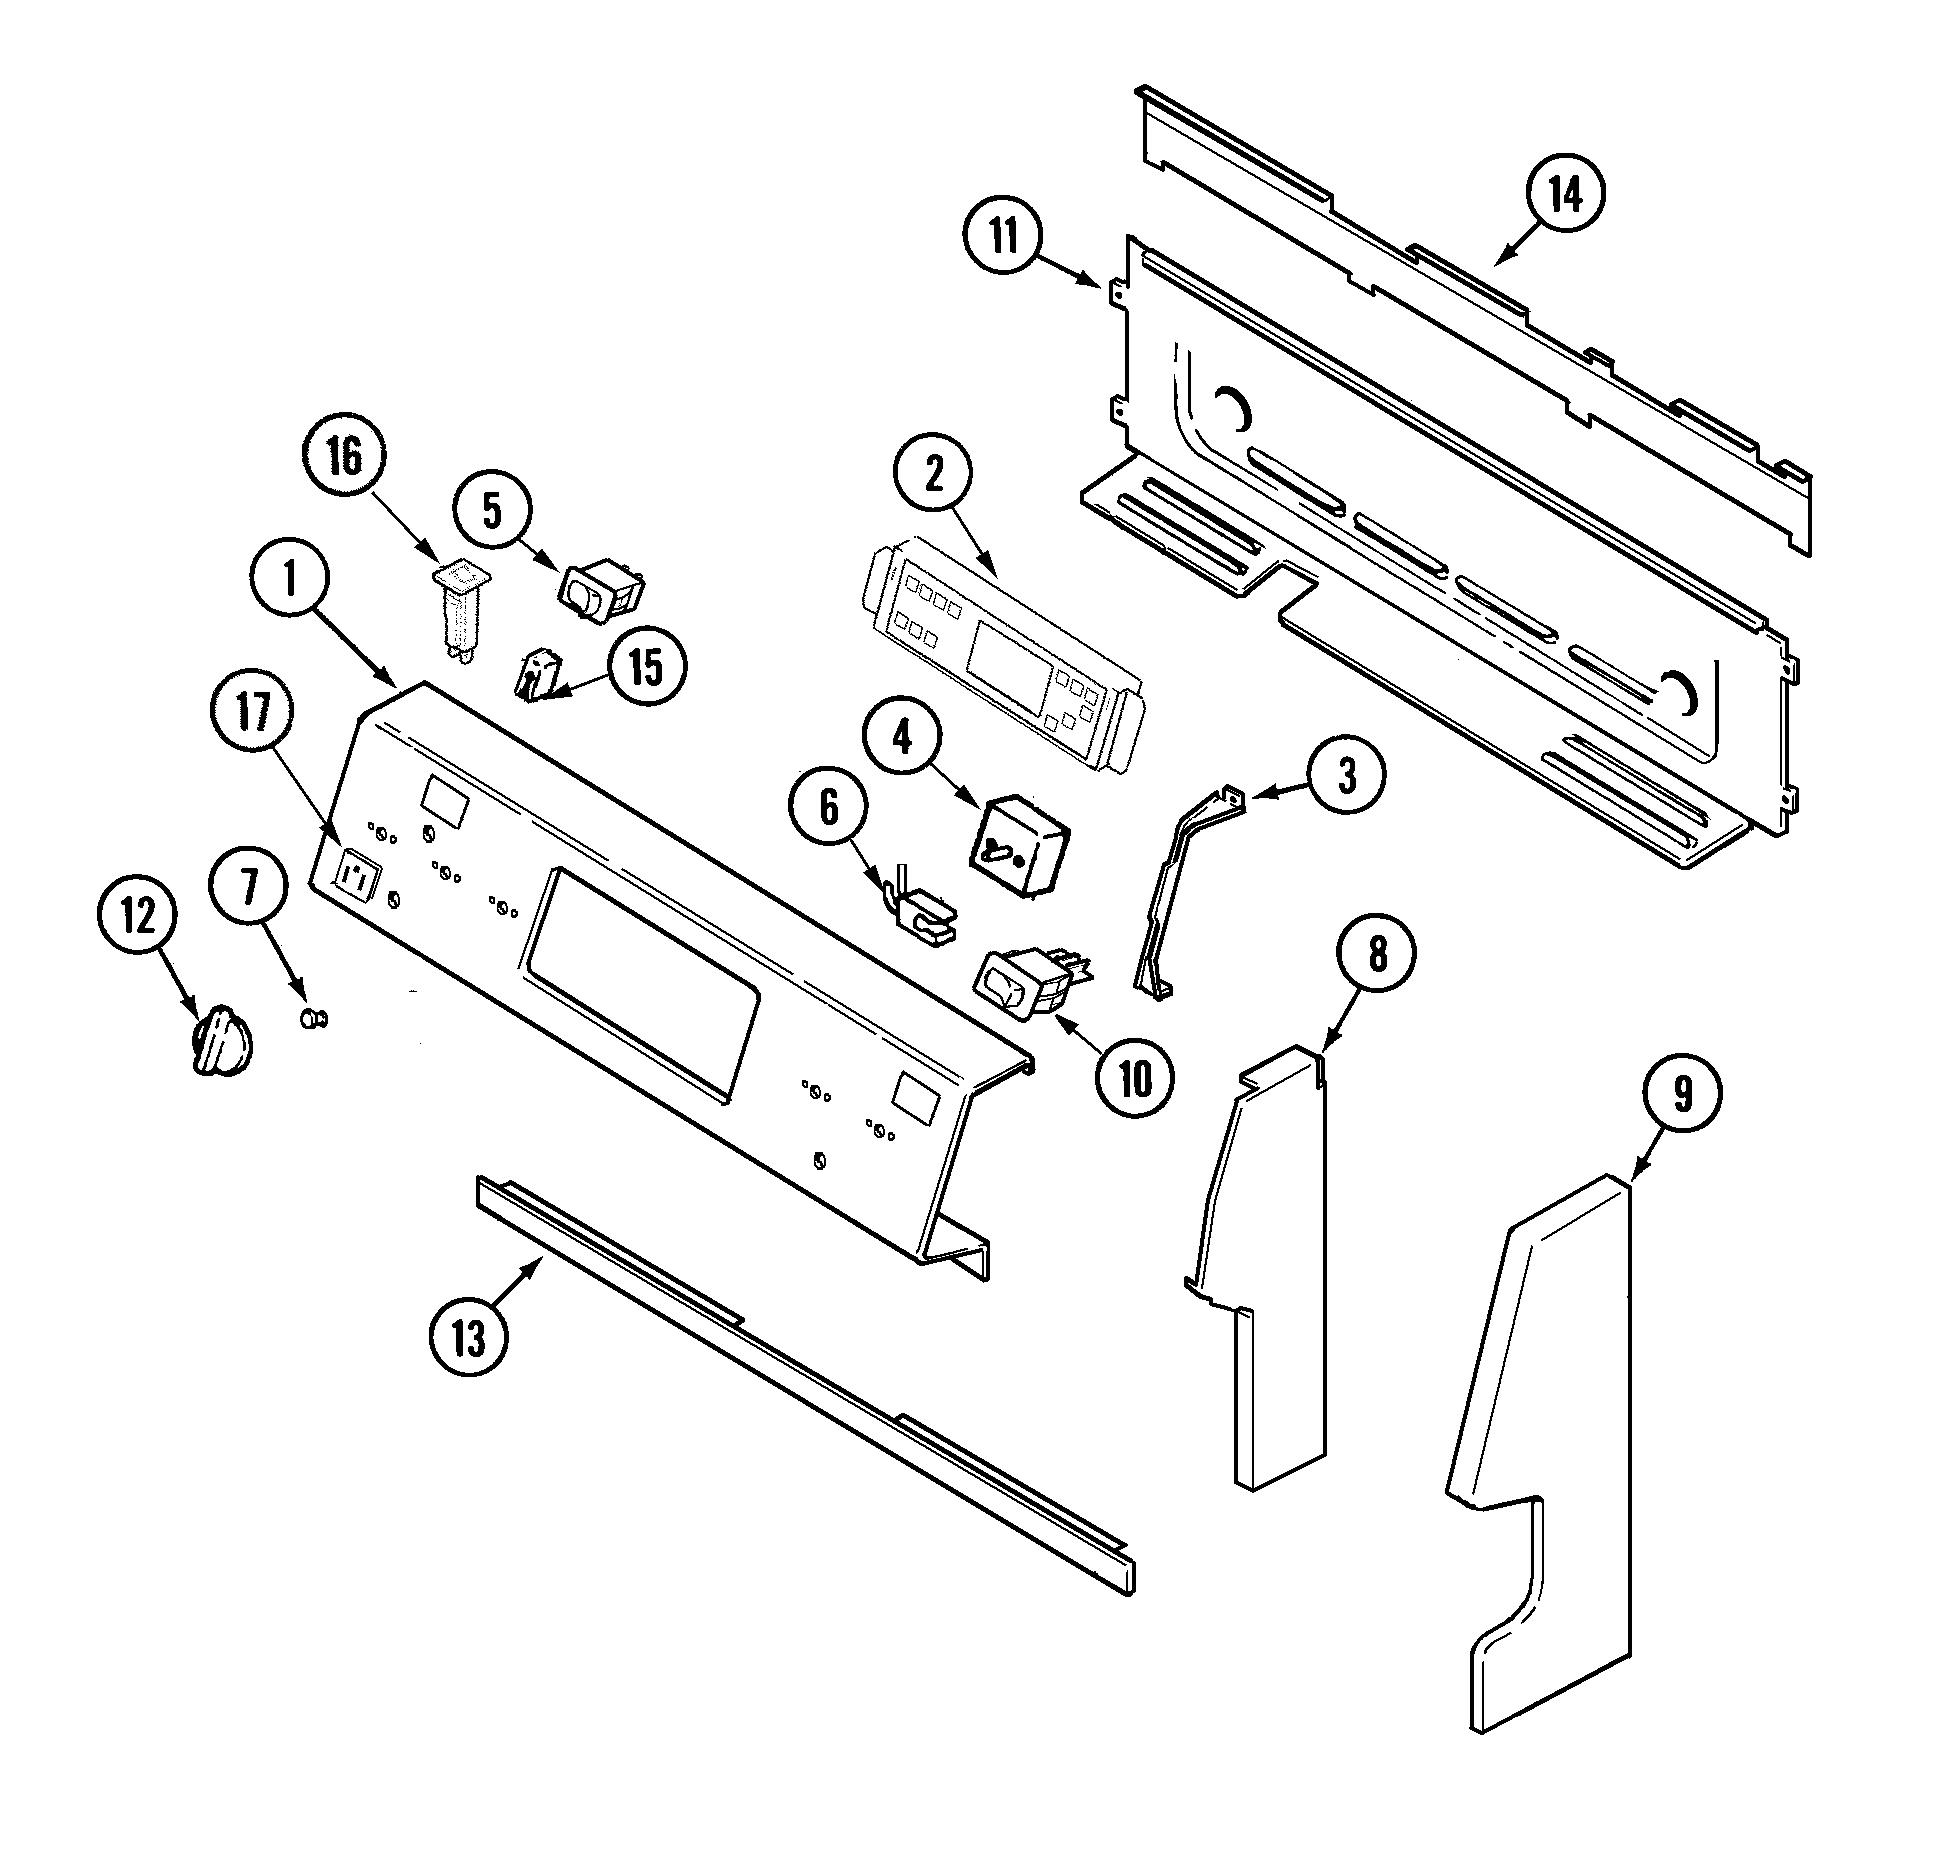 maytag repair maytag repair schematic